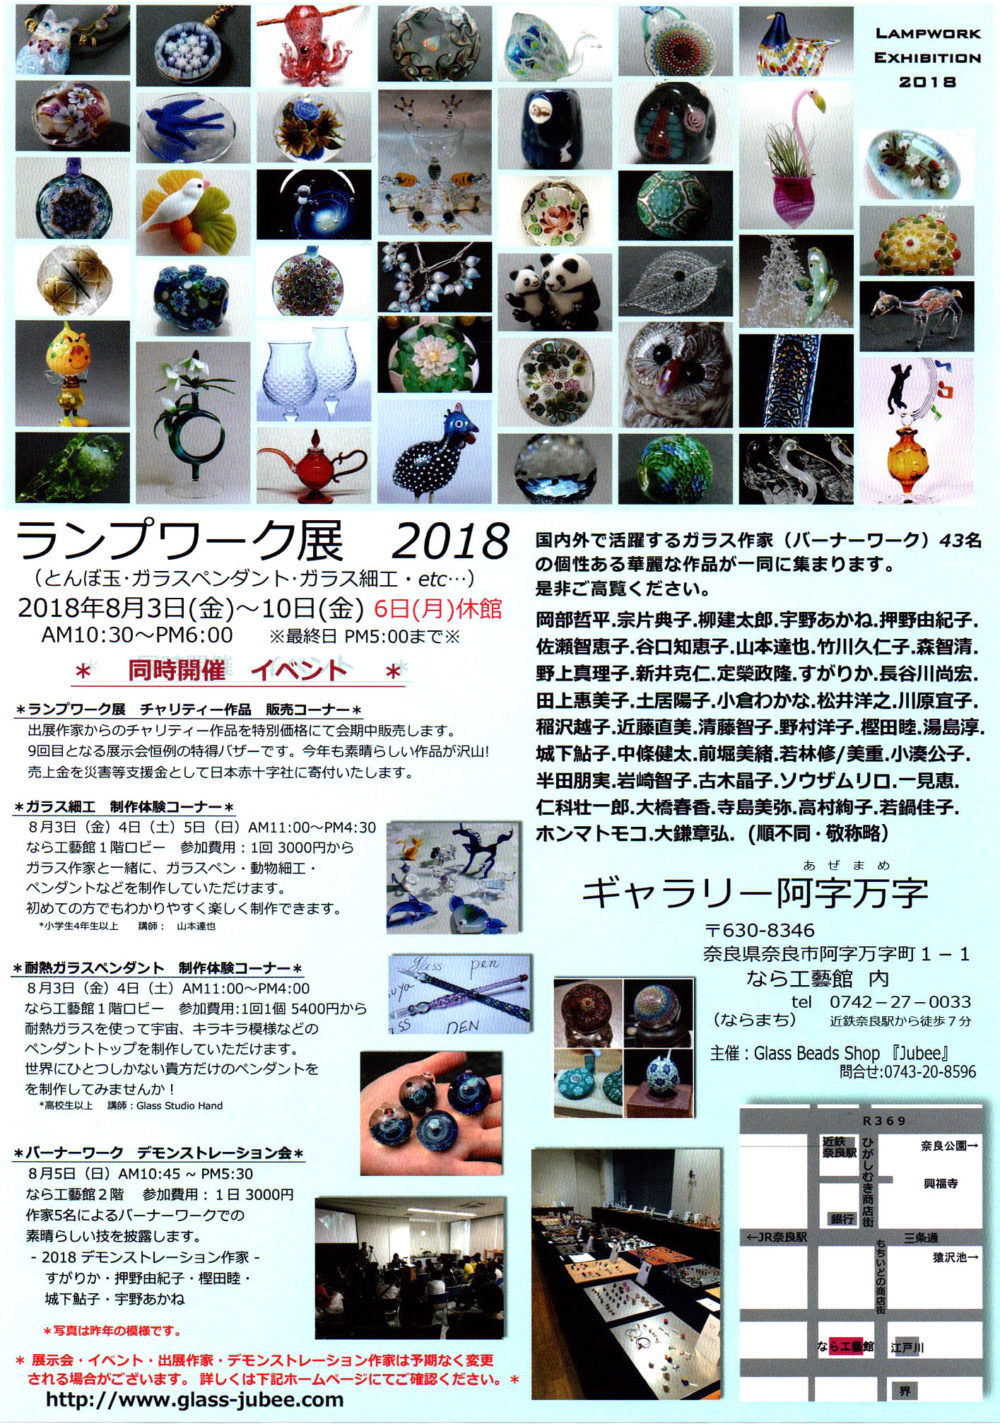 【展示会・イベント/奈良】ランプワーク展2018 (会期:2018/08/03~10)